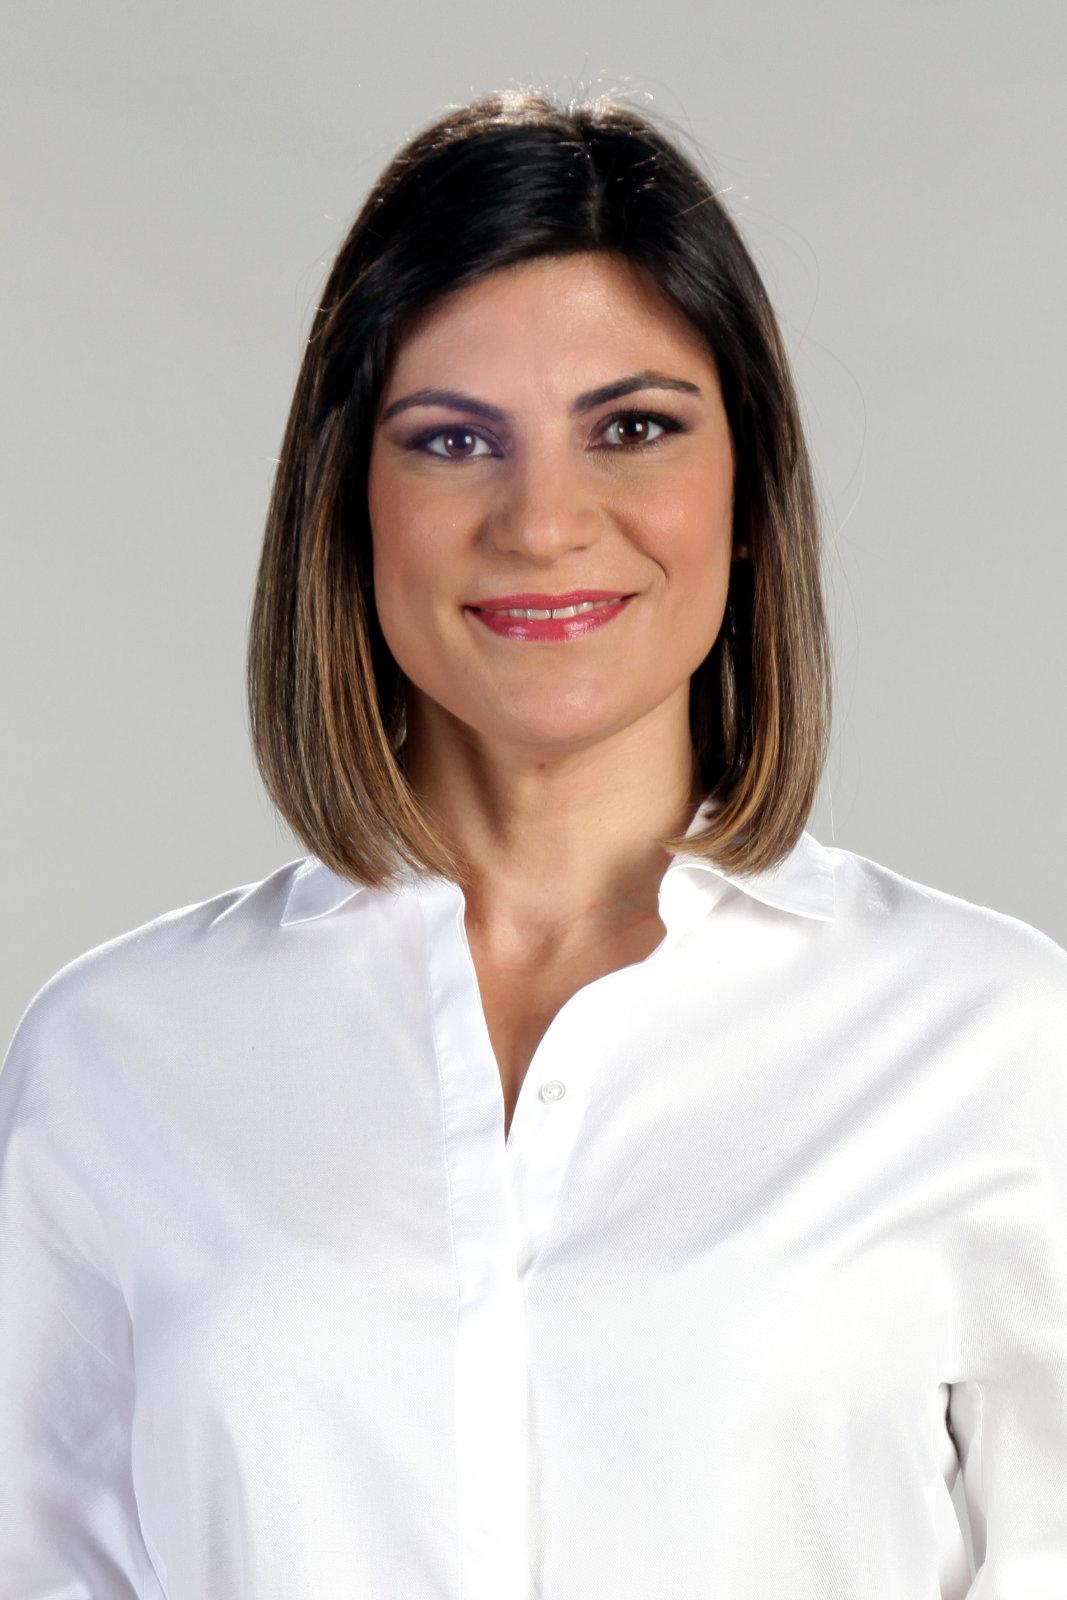 Inmaculada Sánchez Roca